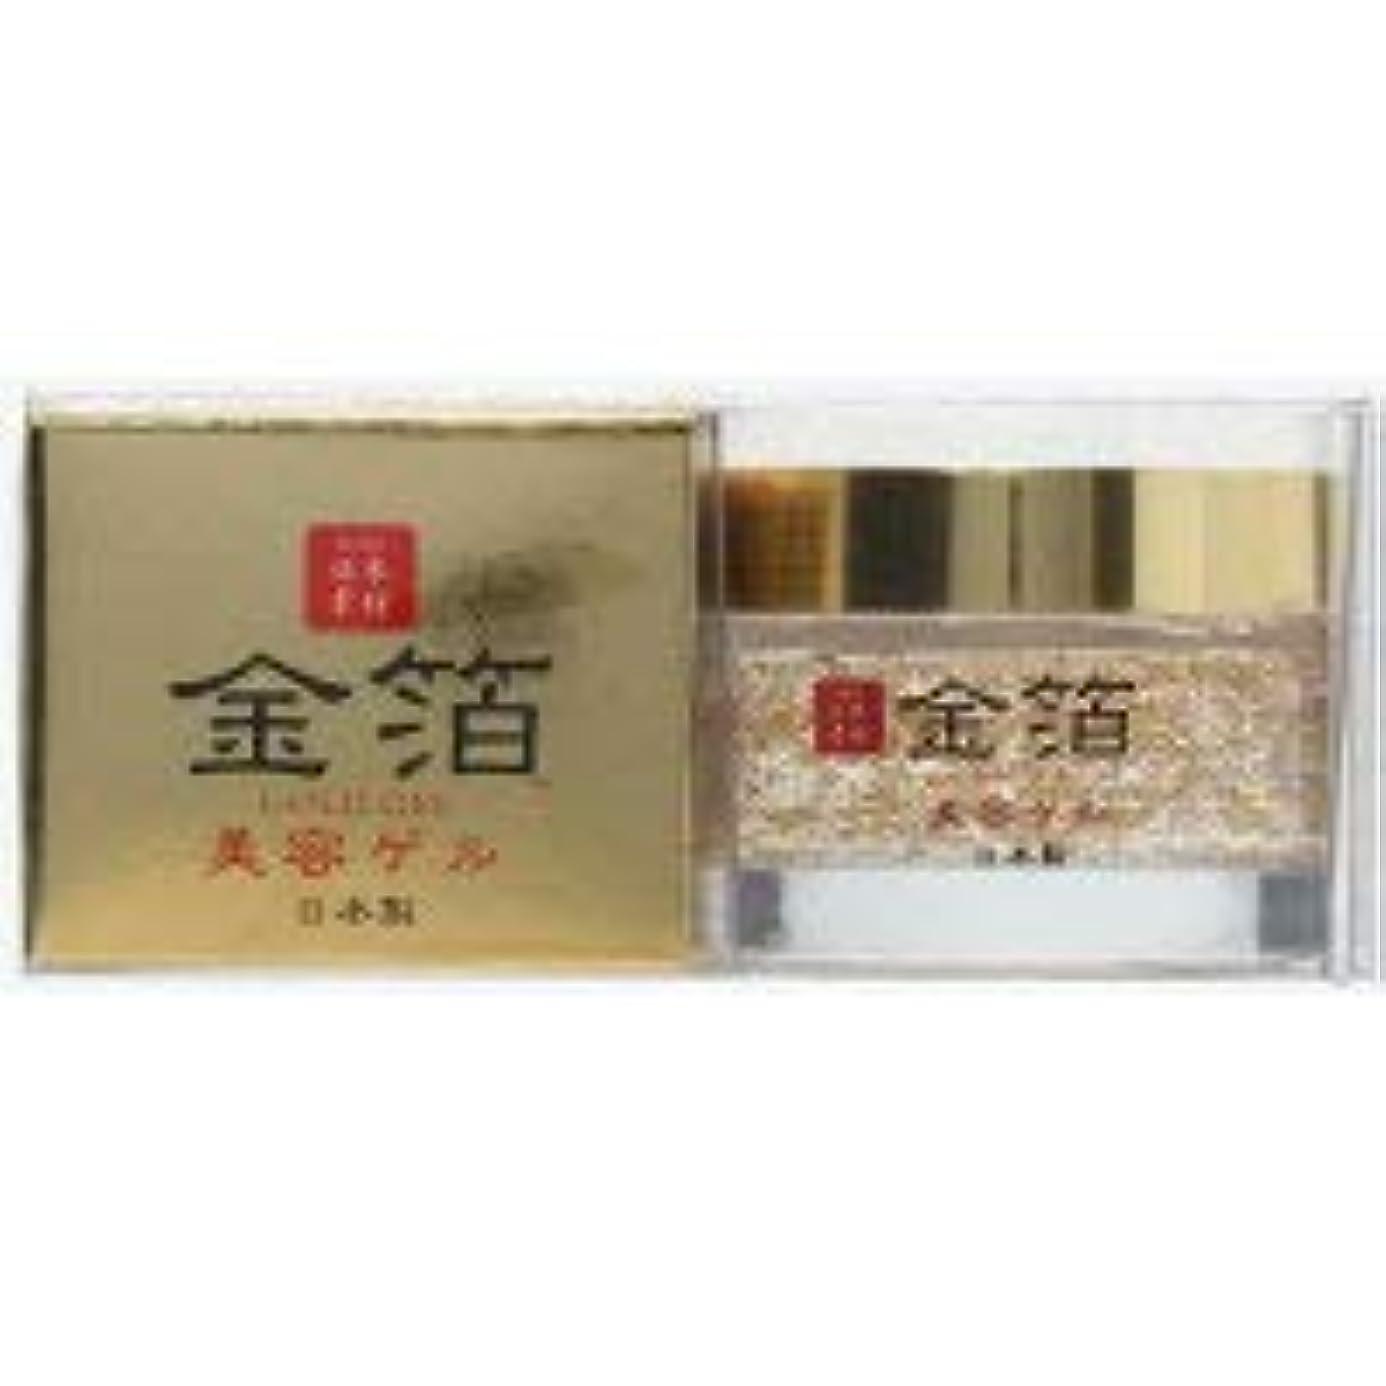 男性見せます名前日本製 金箔入りゴールドゲル MYM 50g【ヒアルロン酸】【コラーゲン】[株式会社MYM]